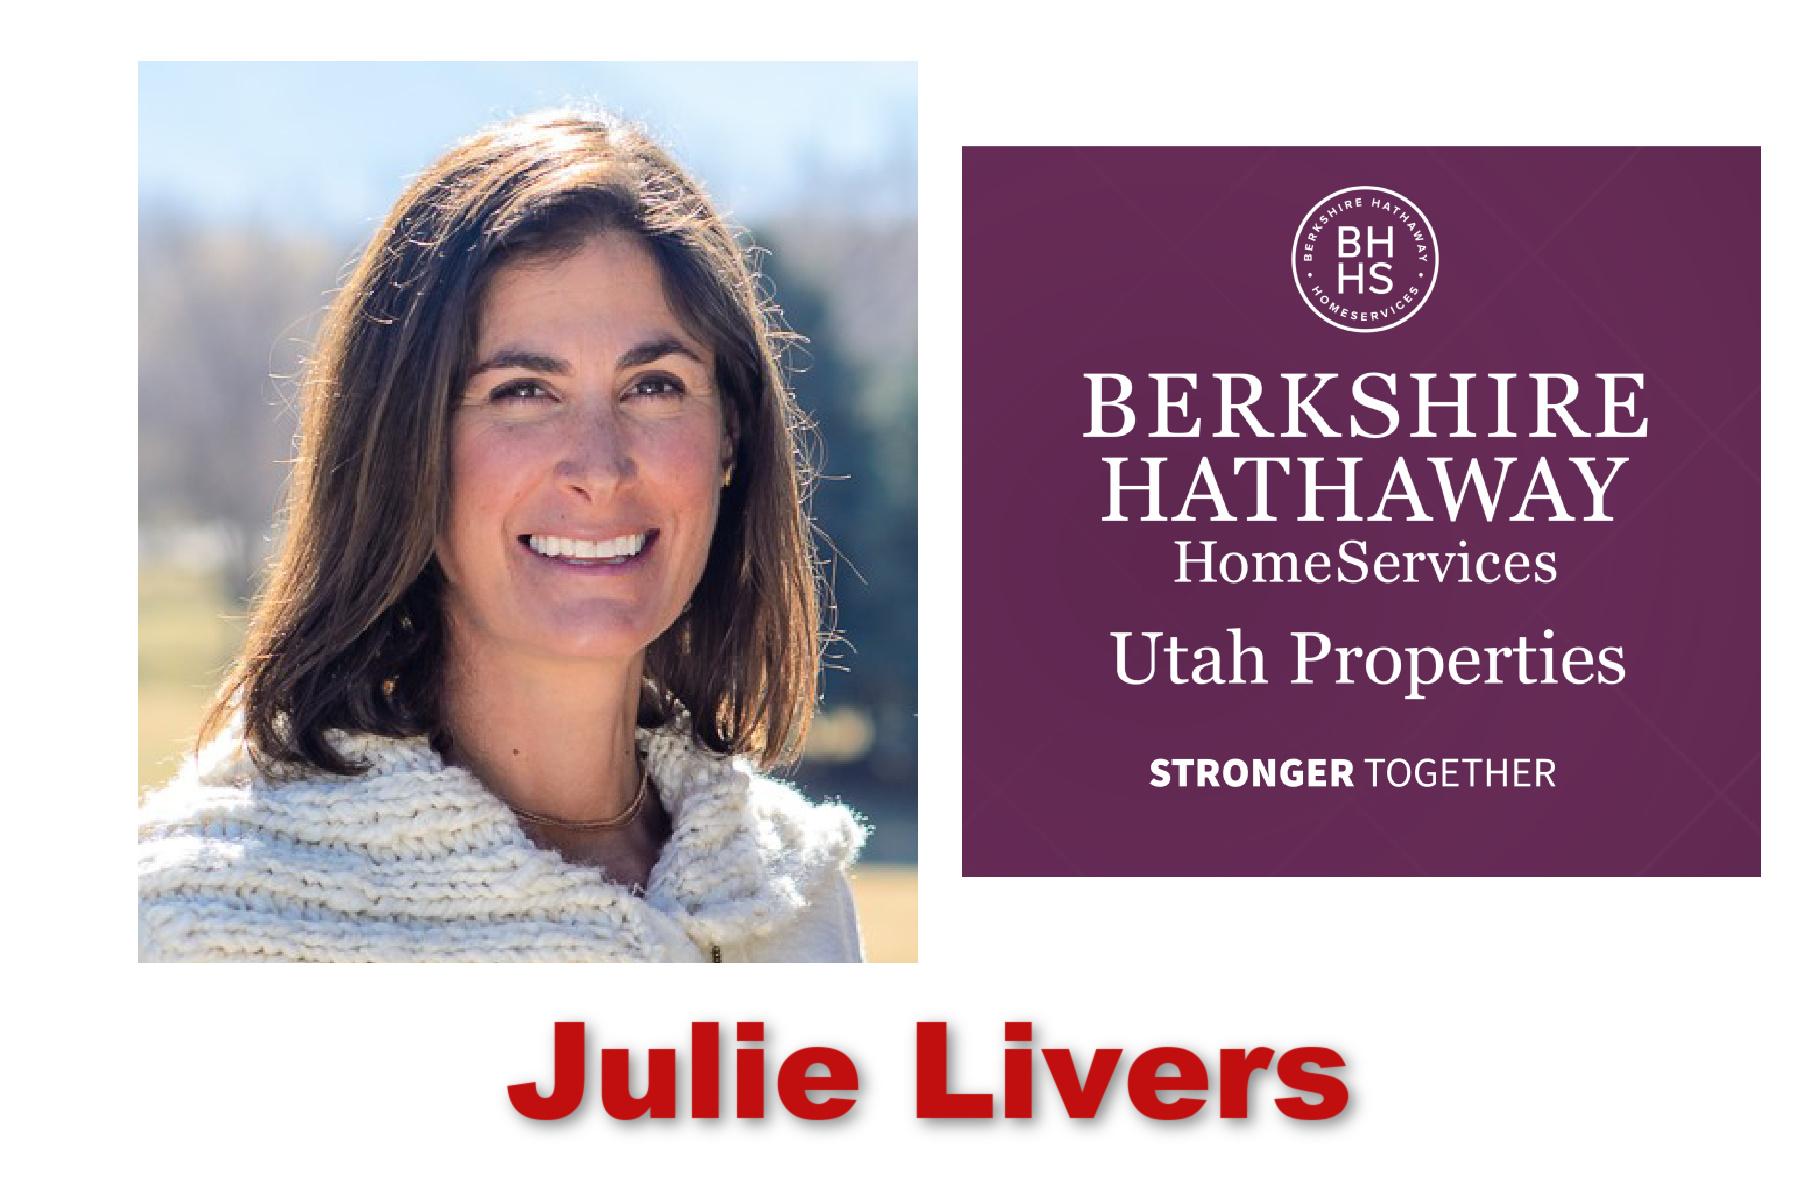 Julie Livers